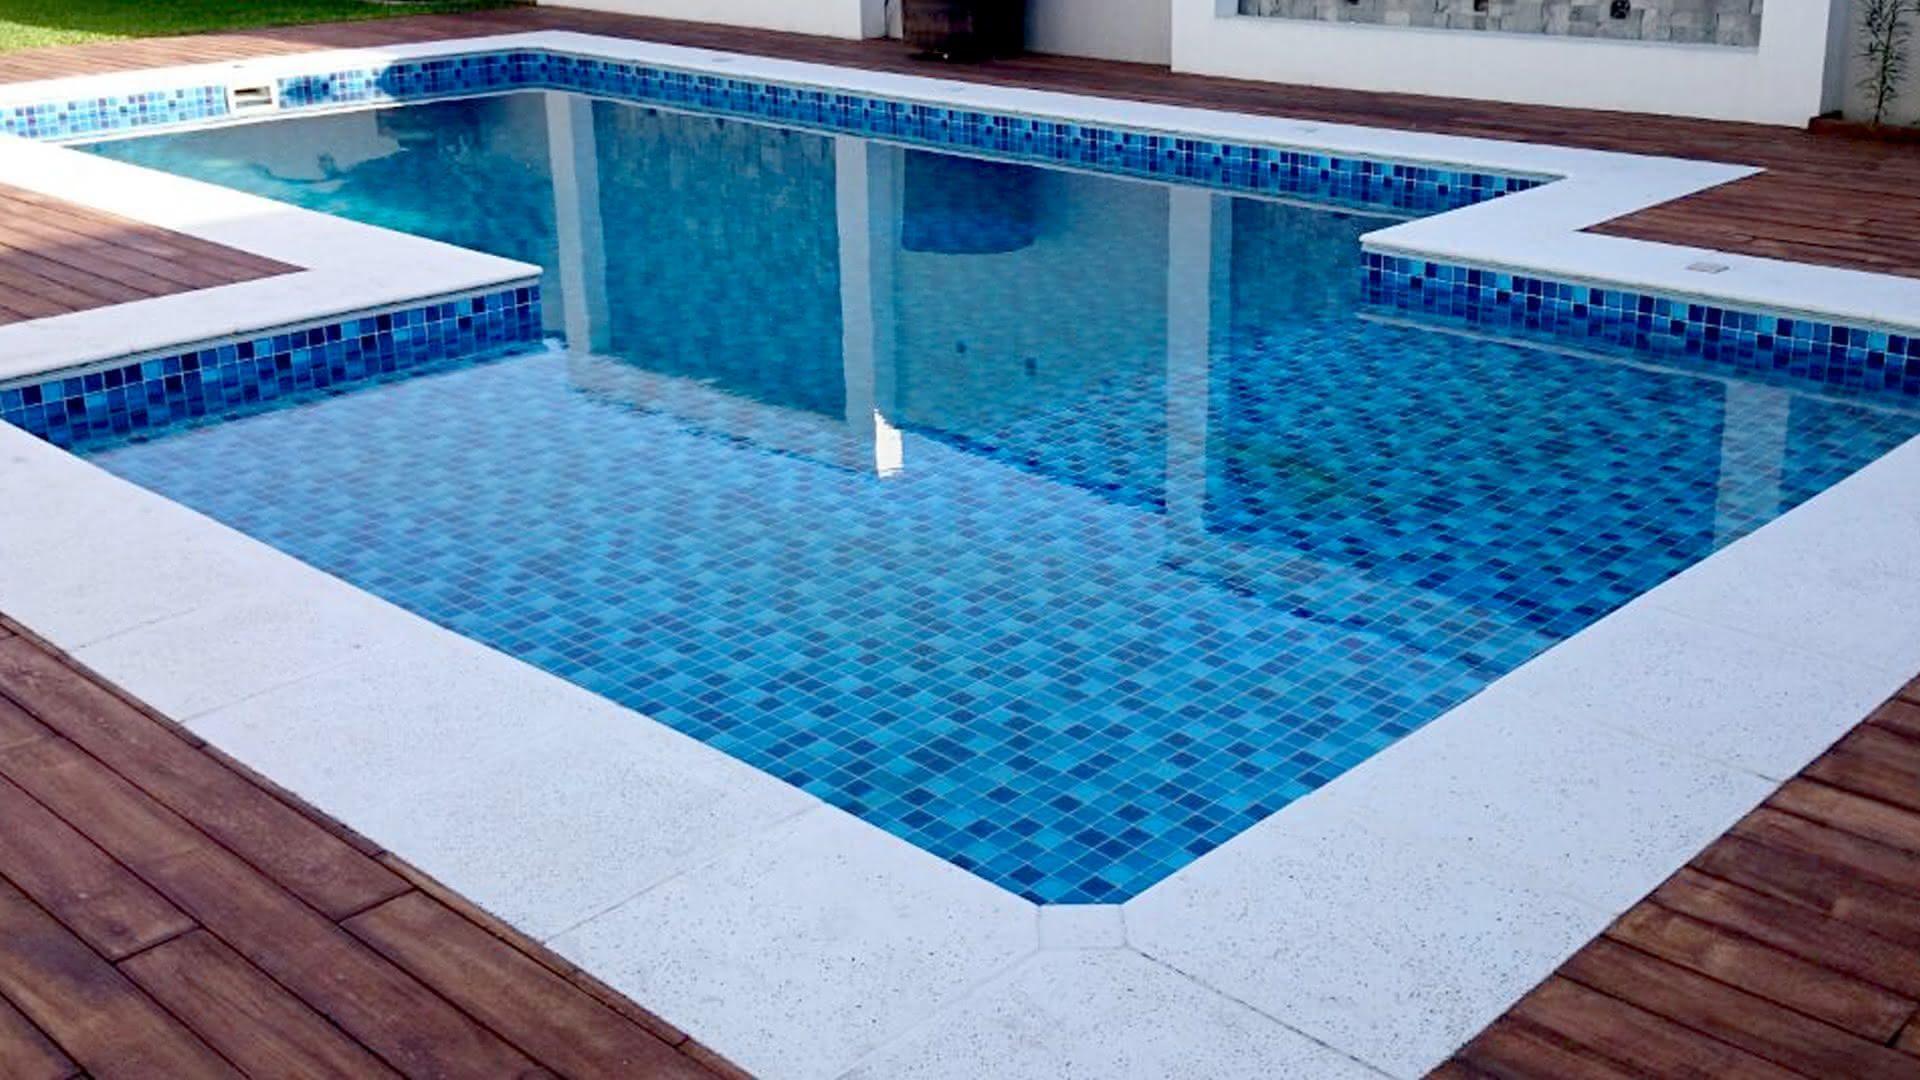 Piso azul para piscina piso para piscina for Fotos de modelos en piscinas